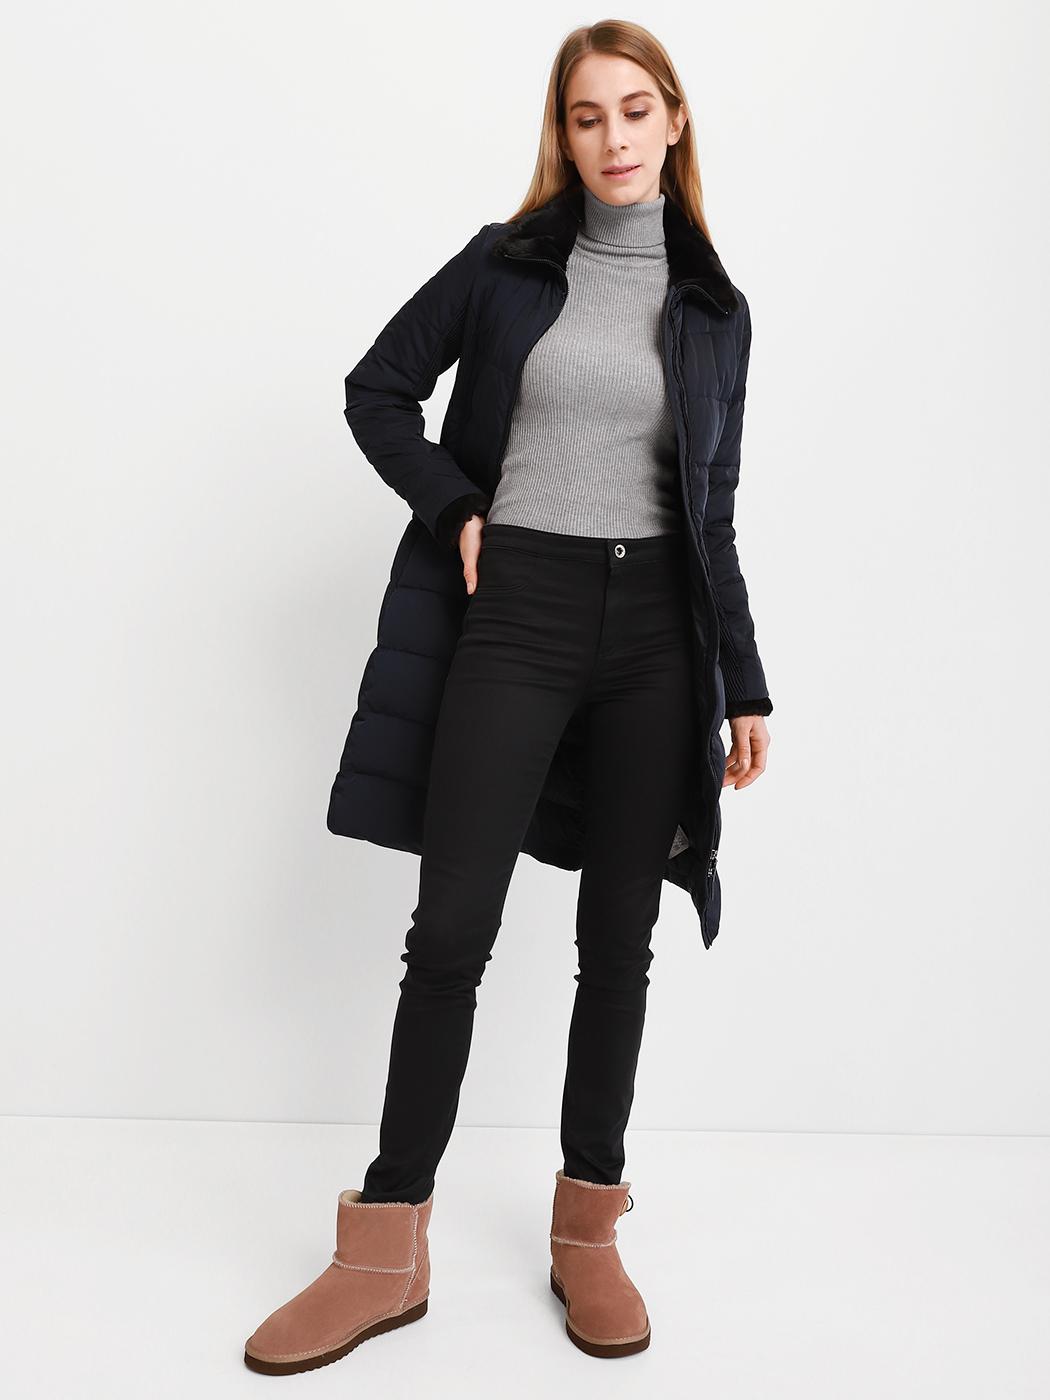 Купить Пальто пуховое женские модель AY2277, Armani Jeans, Синий